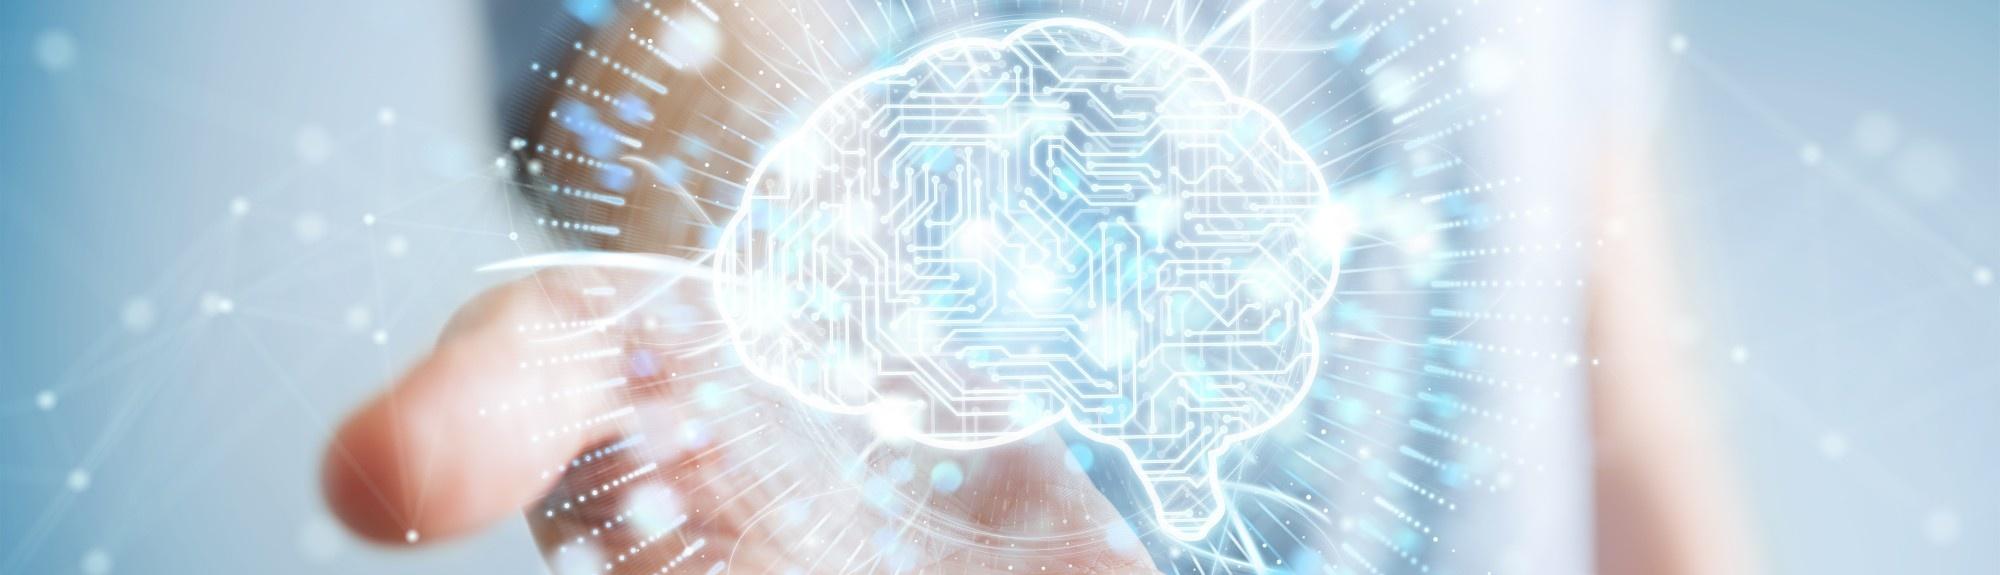 Neurologie Titelbild - Gehirn sinnbildlich für zentrale und periphere Nervenschädigungen